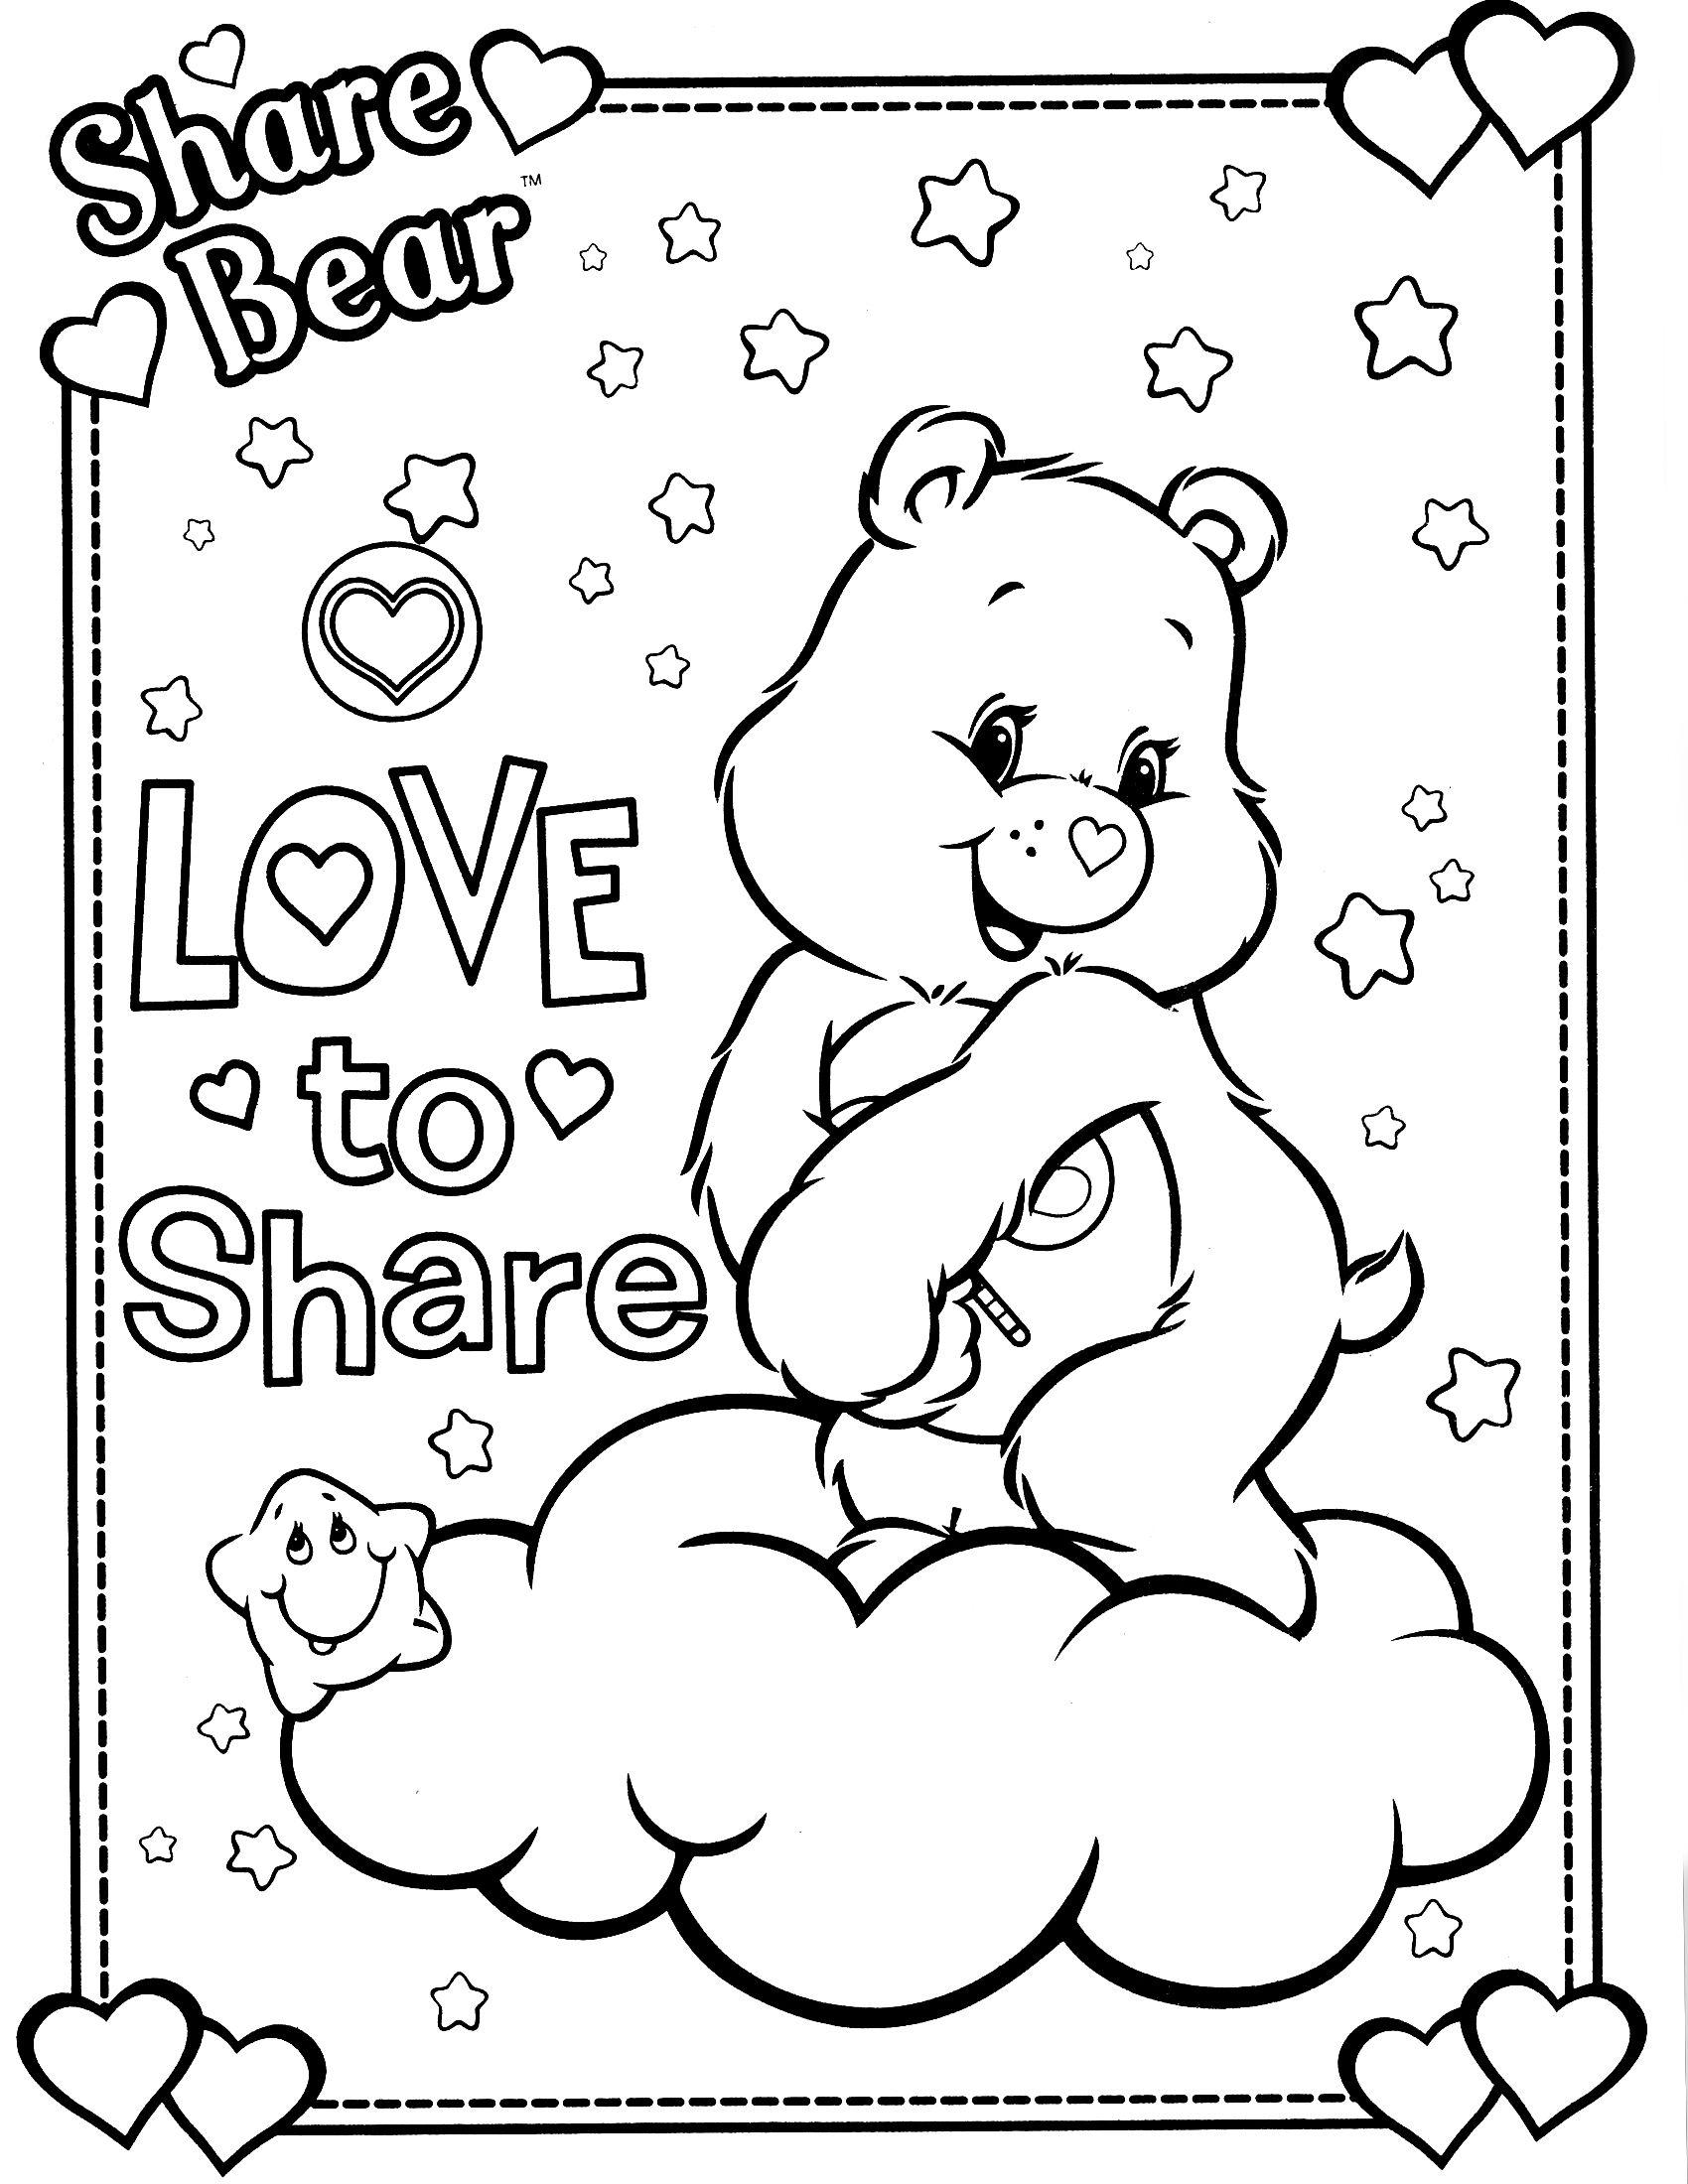 Coloring Pages Caring Coloring Pages caring coloring pages eassume com az pages